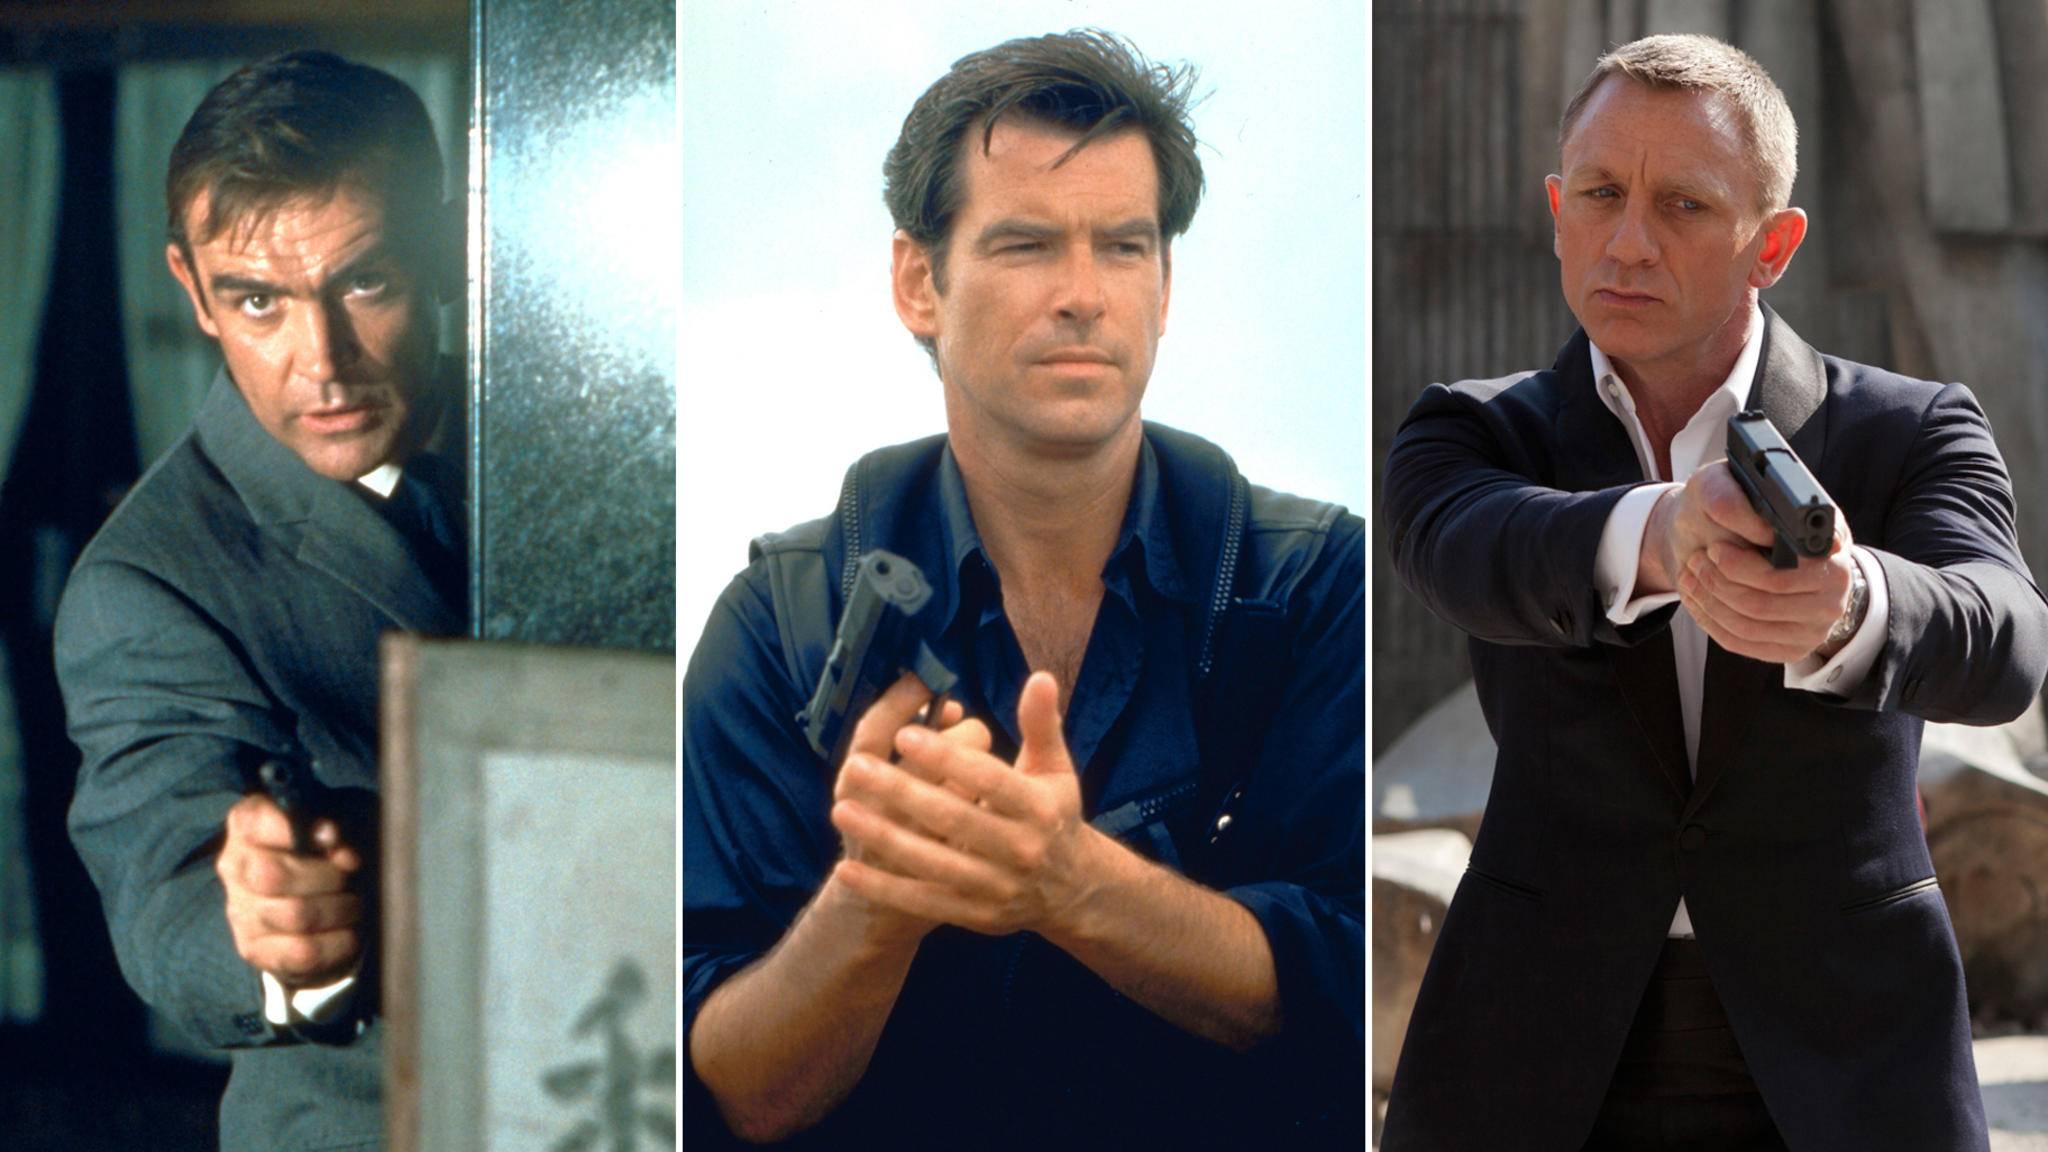 Nicht nur ein Ladykiller: James Bond hinterlässt nach jedem seiner Einsätze zahlreiche Opfer.